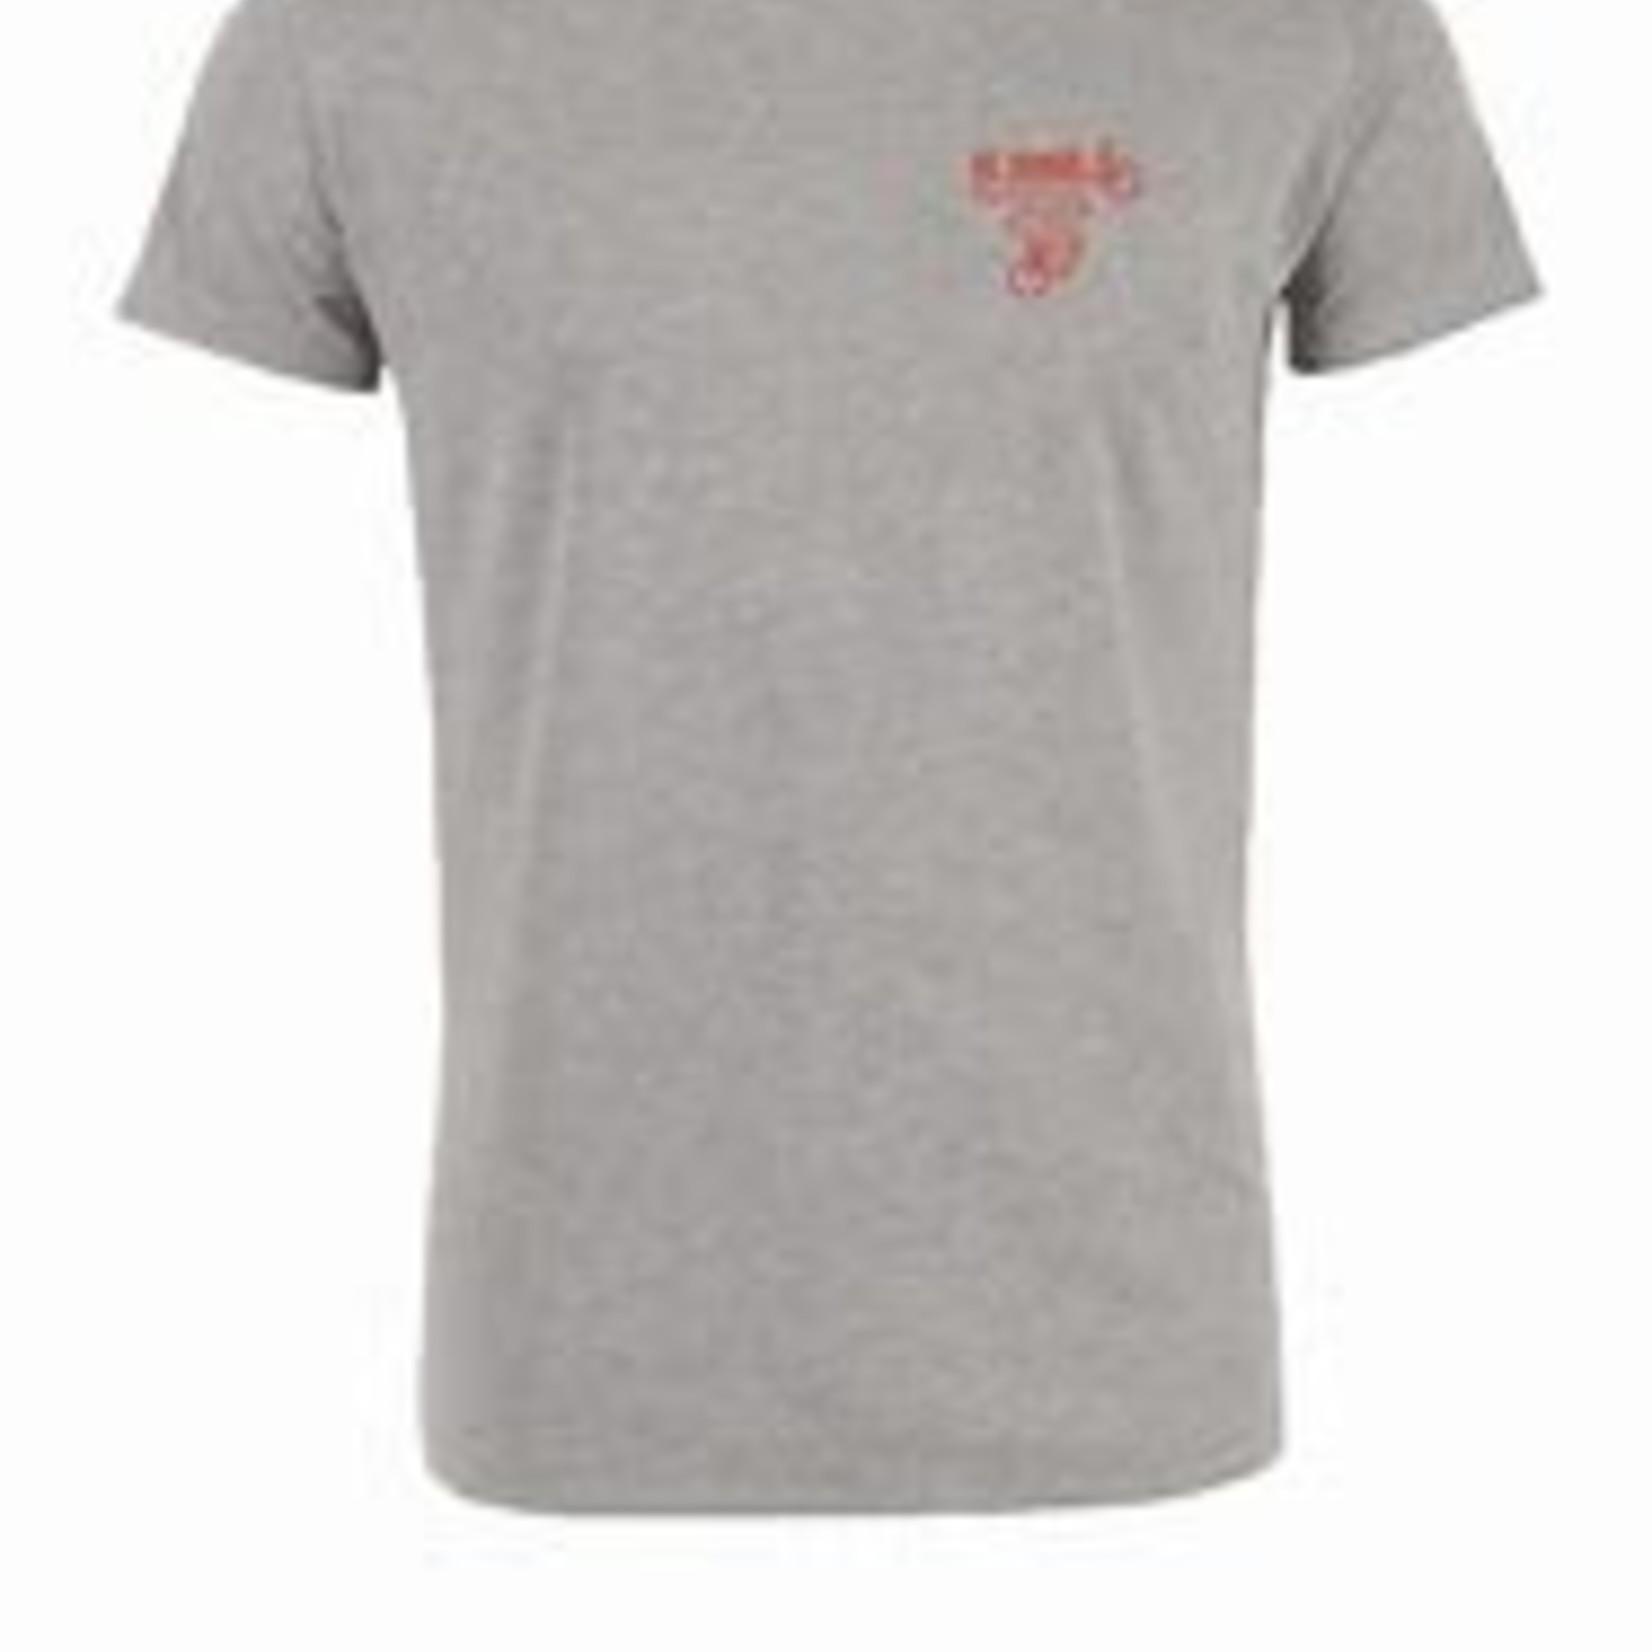 T-shirt 'De Ronde' (grijs)